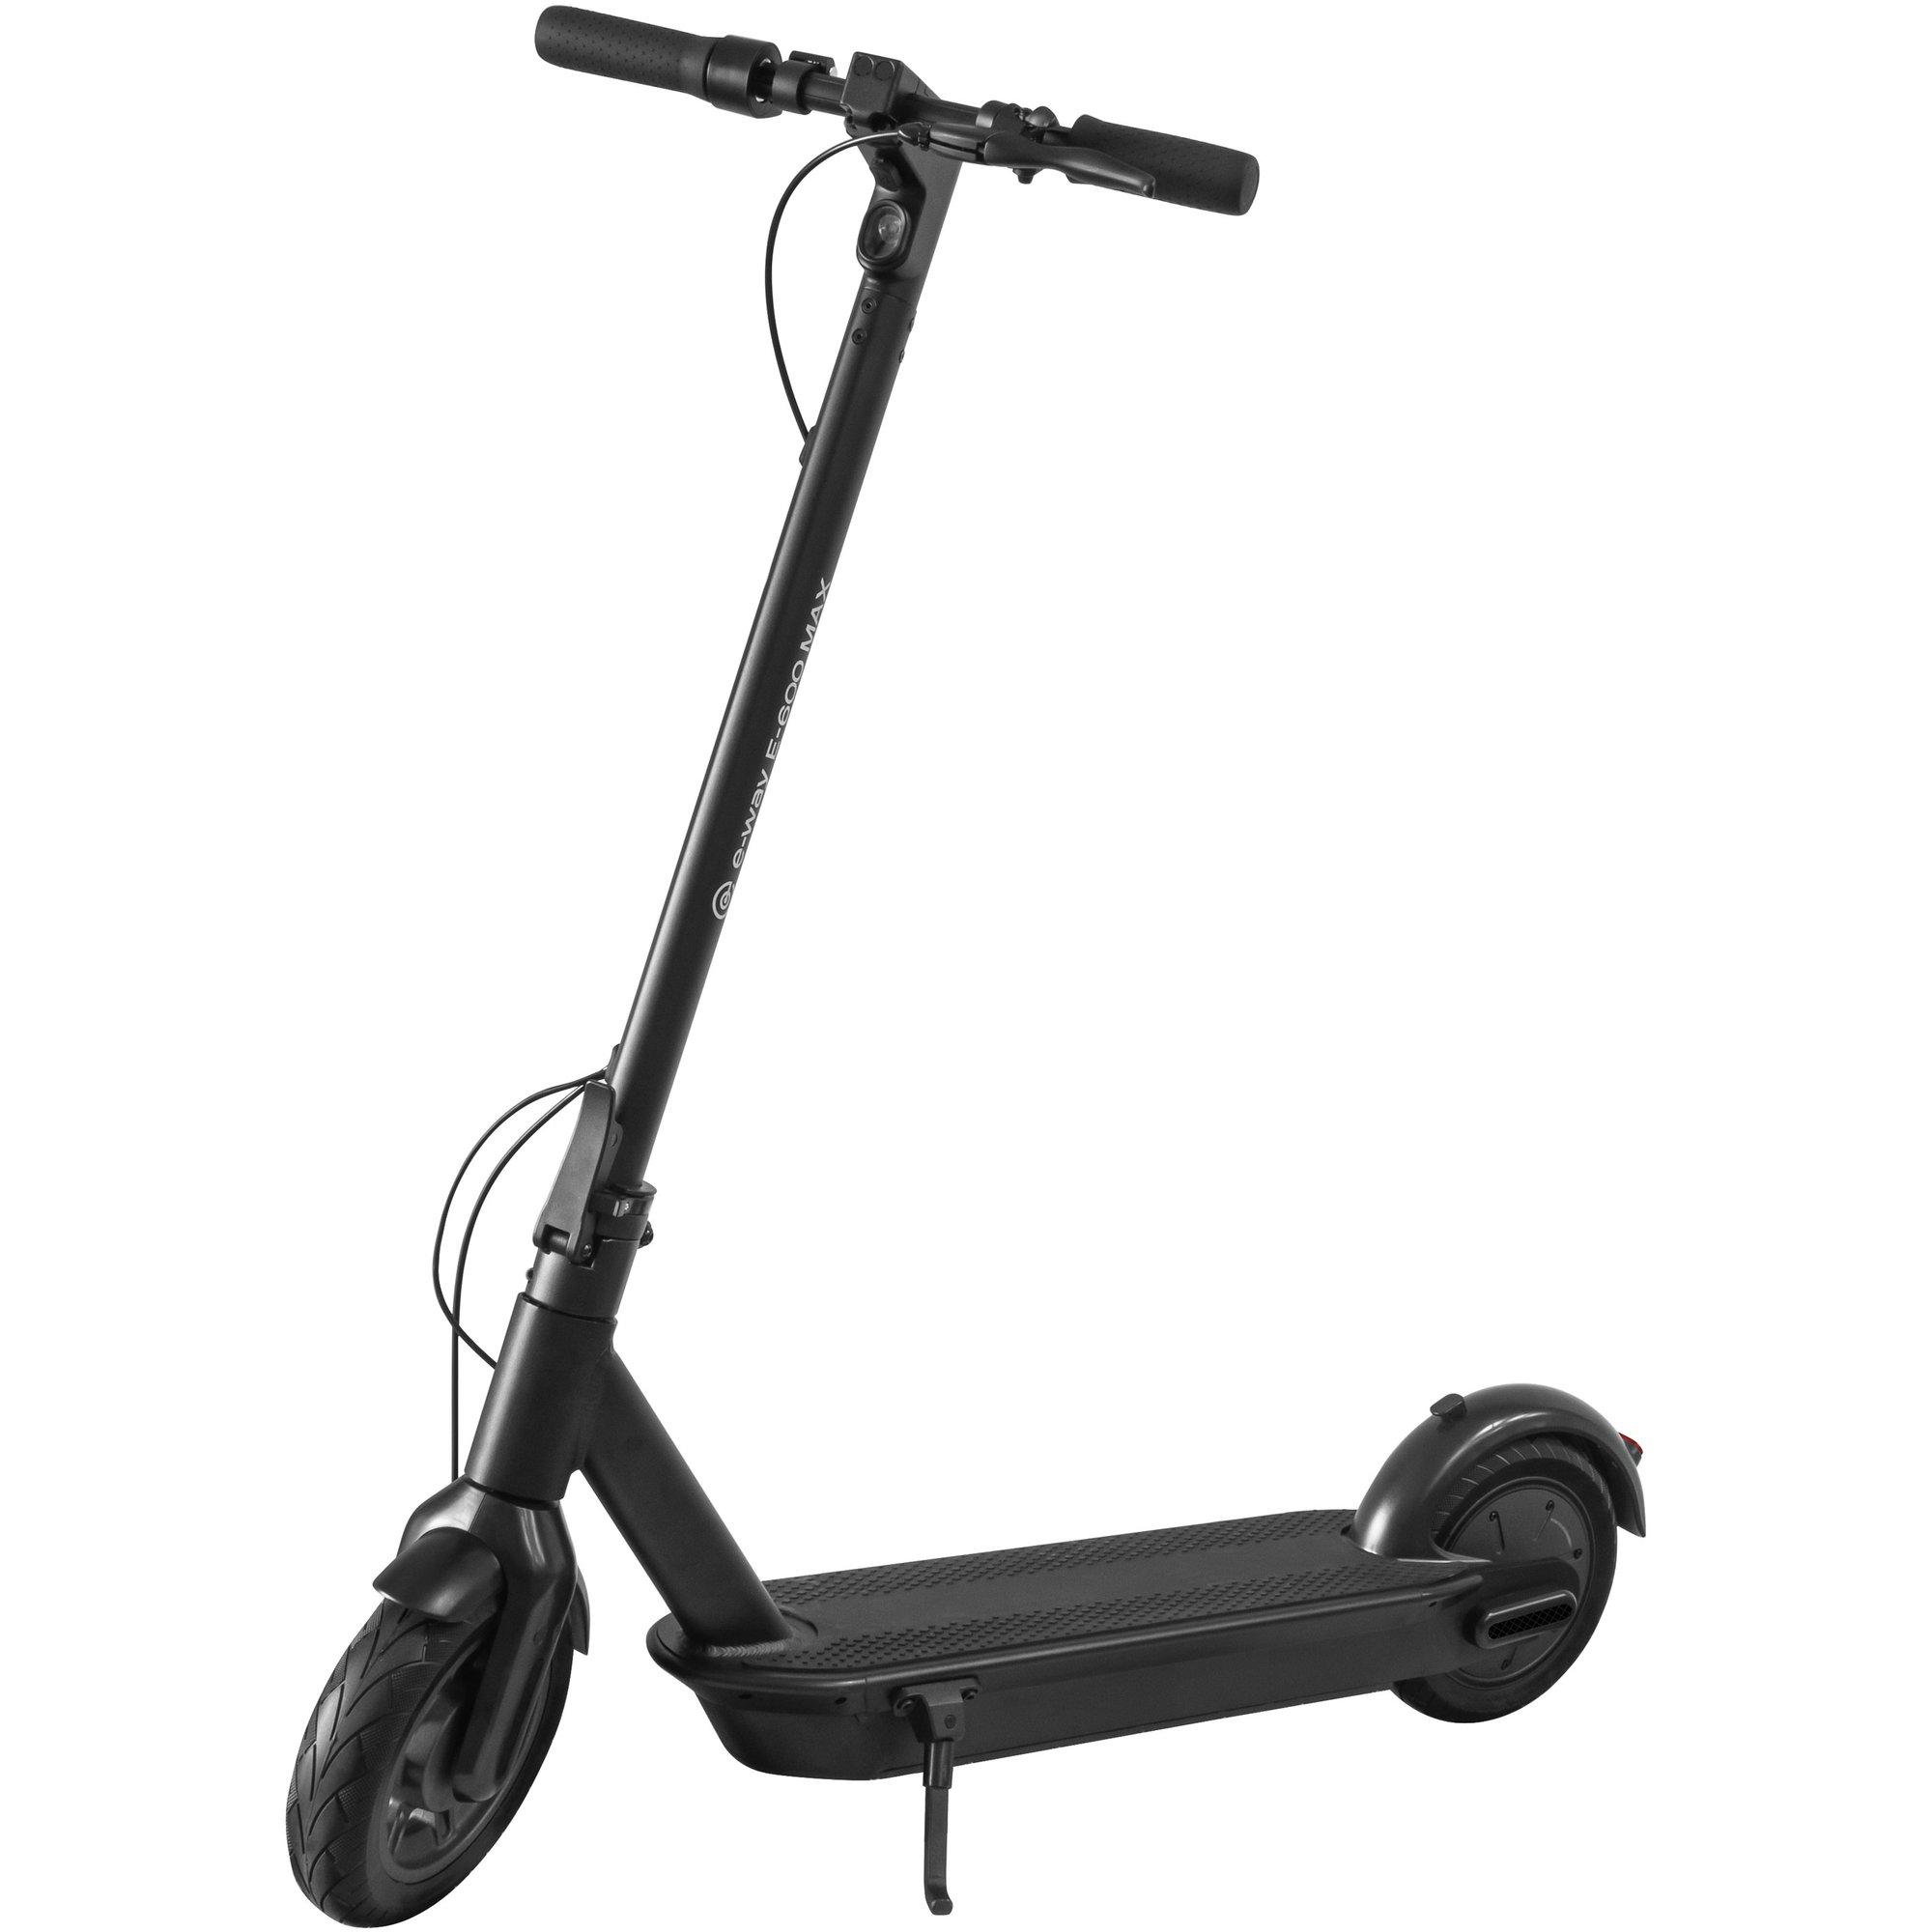 E-Way 600 Max elscooter